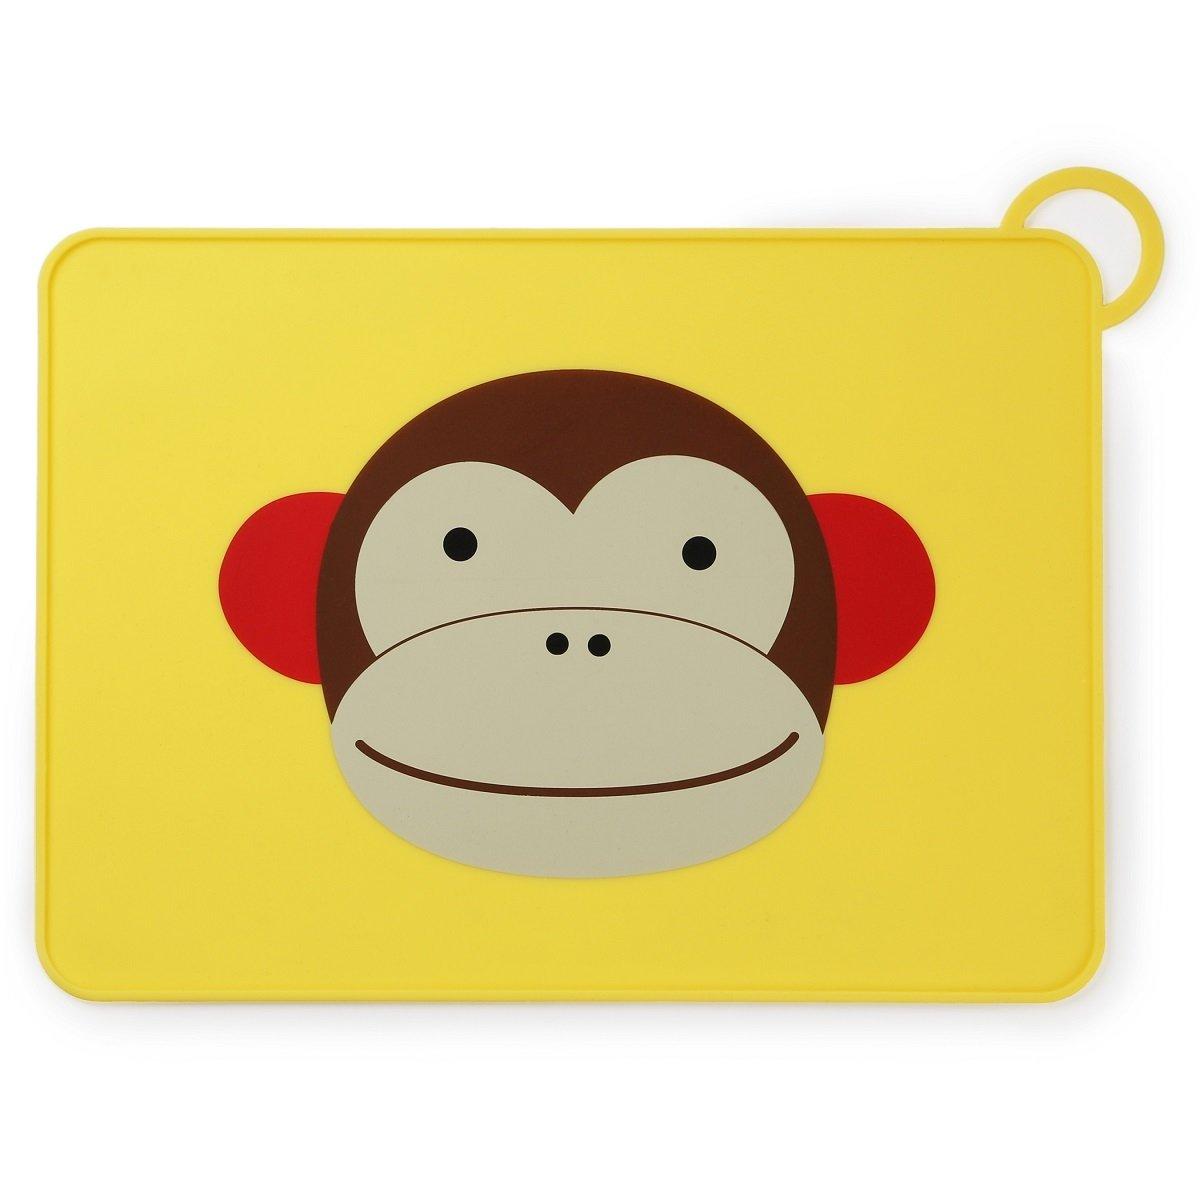 可愛動物園矽膠餐墊 - 猴子